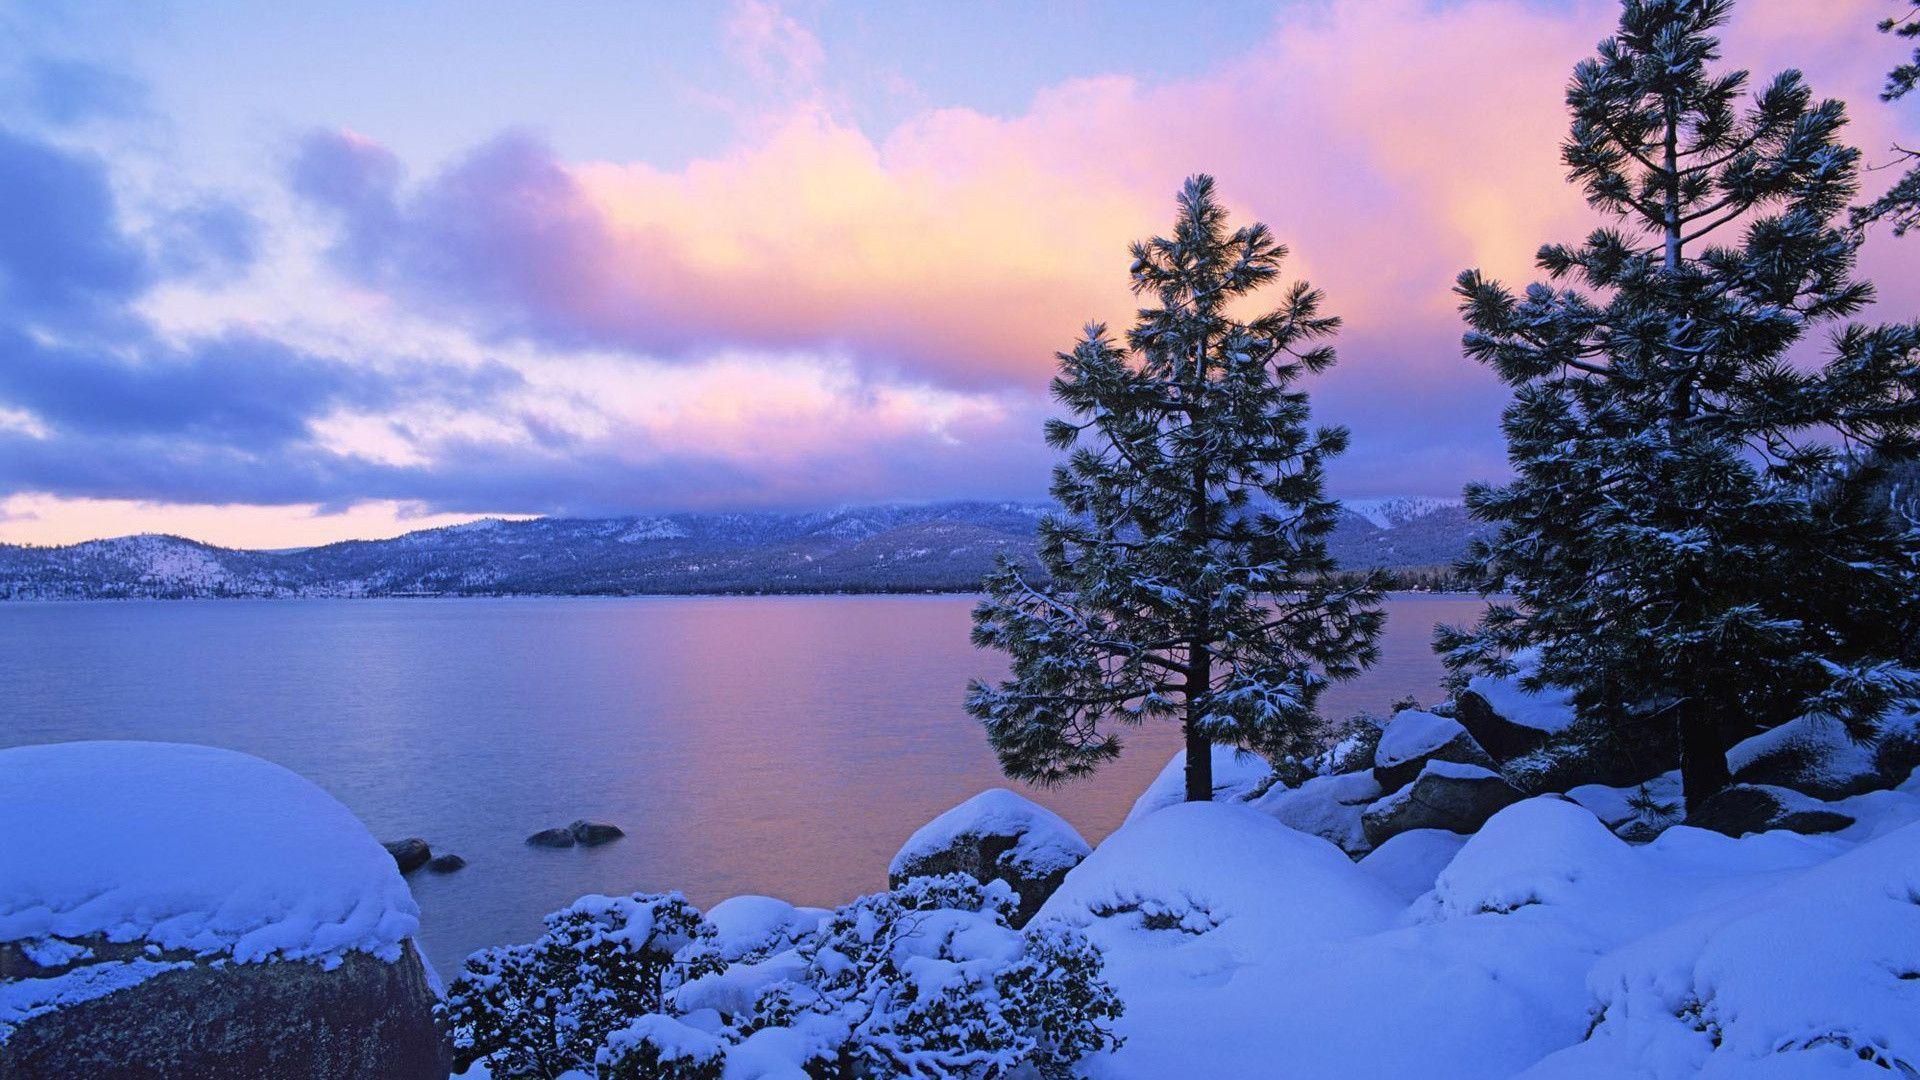 ảnh đẹp mùa đông nước nga